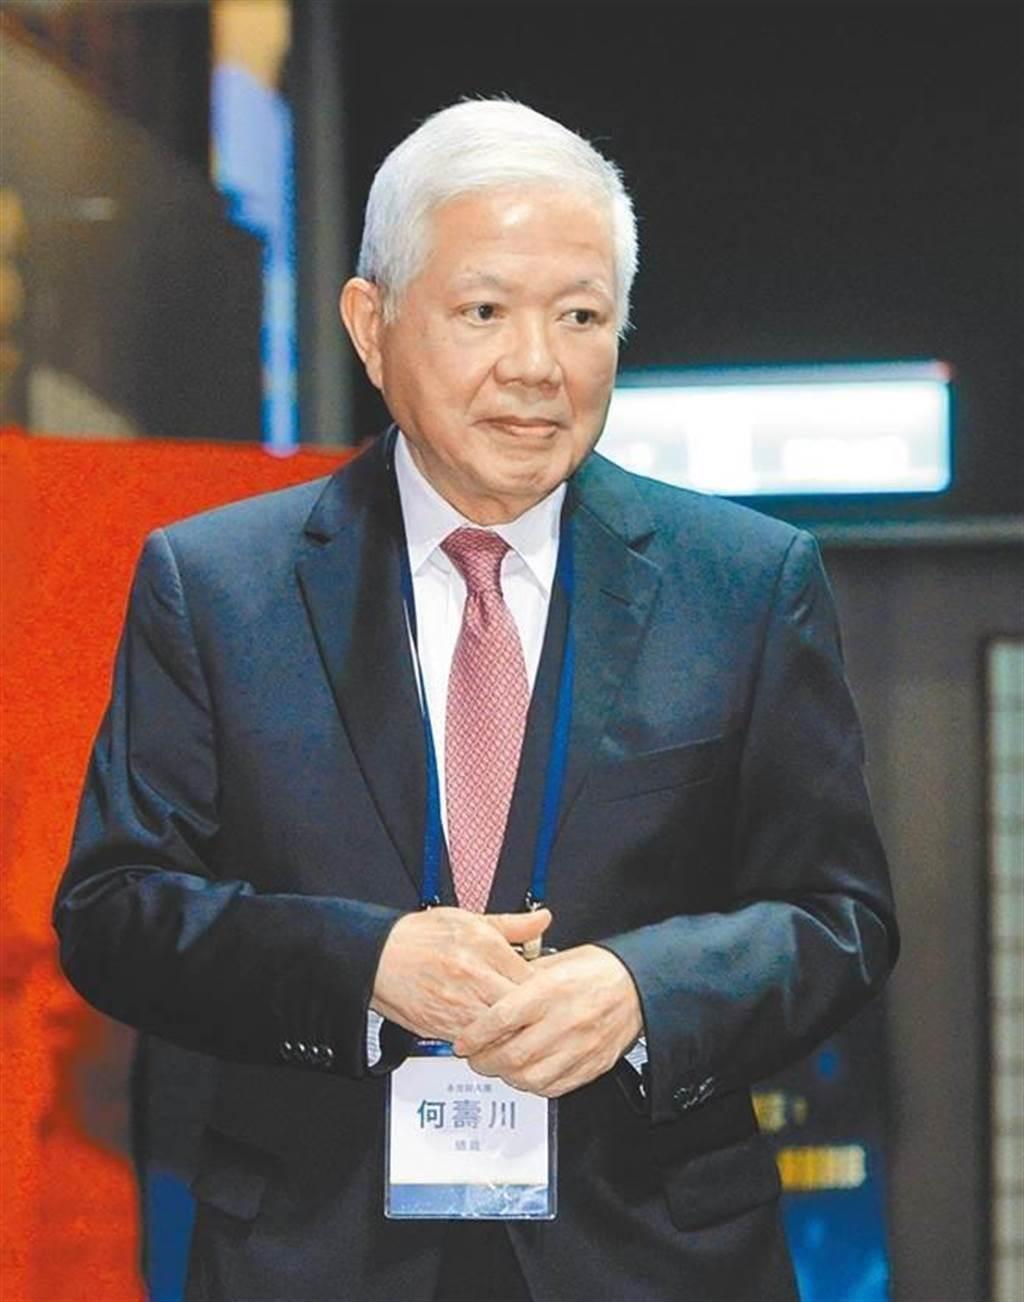 永豐集團創辦人何壽川。(本報資料照片)